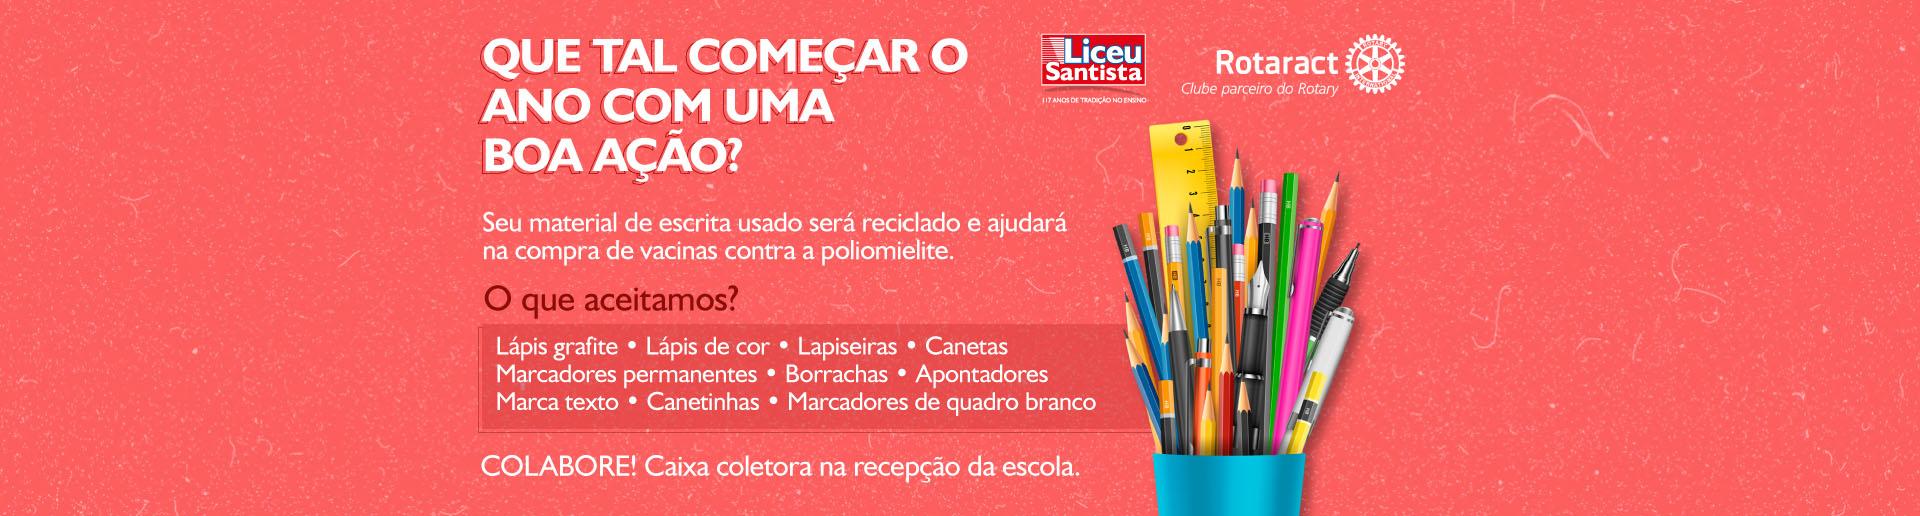 LS-Home-1920x516px-Doacao-Material-Escolar-Usado